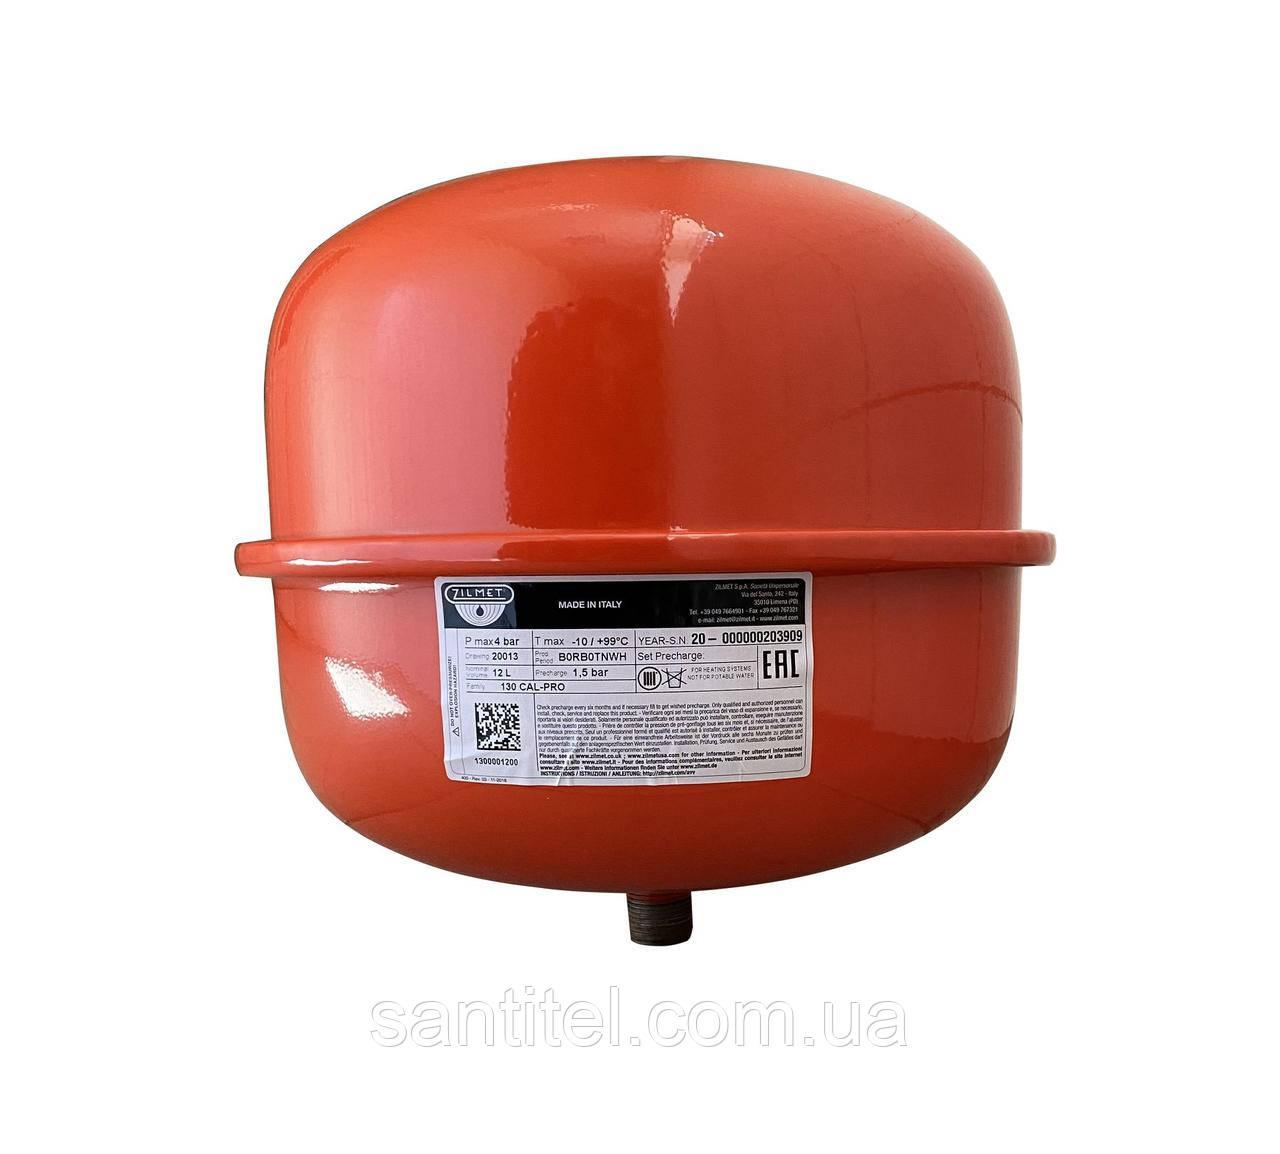 Бак Zilmet  cal-pro для систем отопления  12л 4bar кругл. ( 1300001200 )